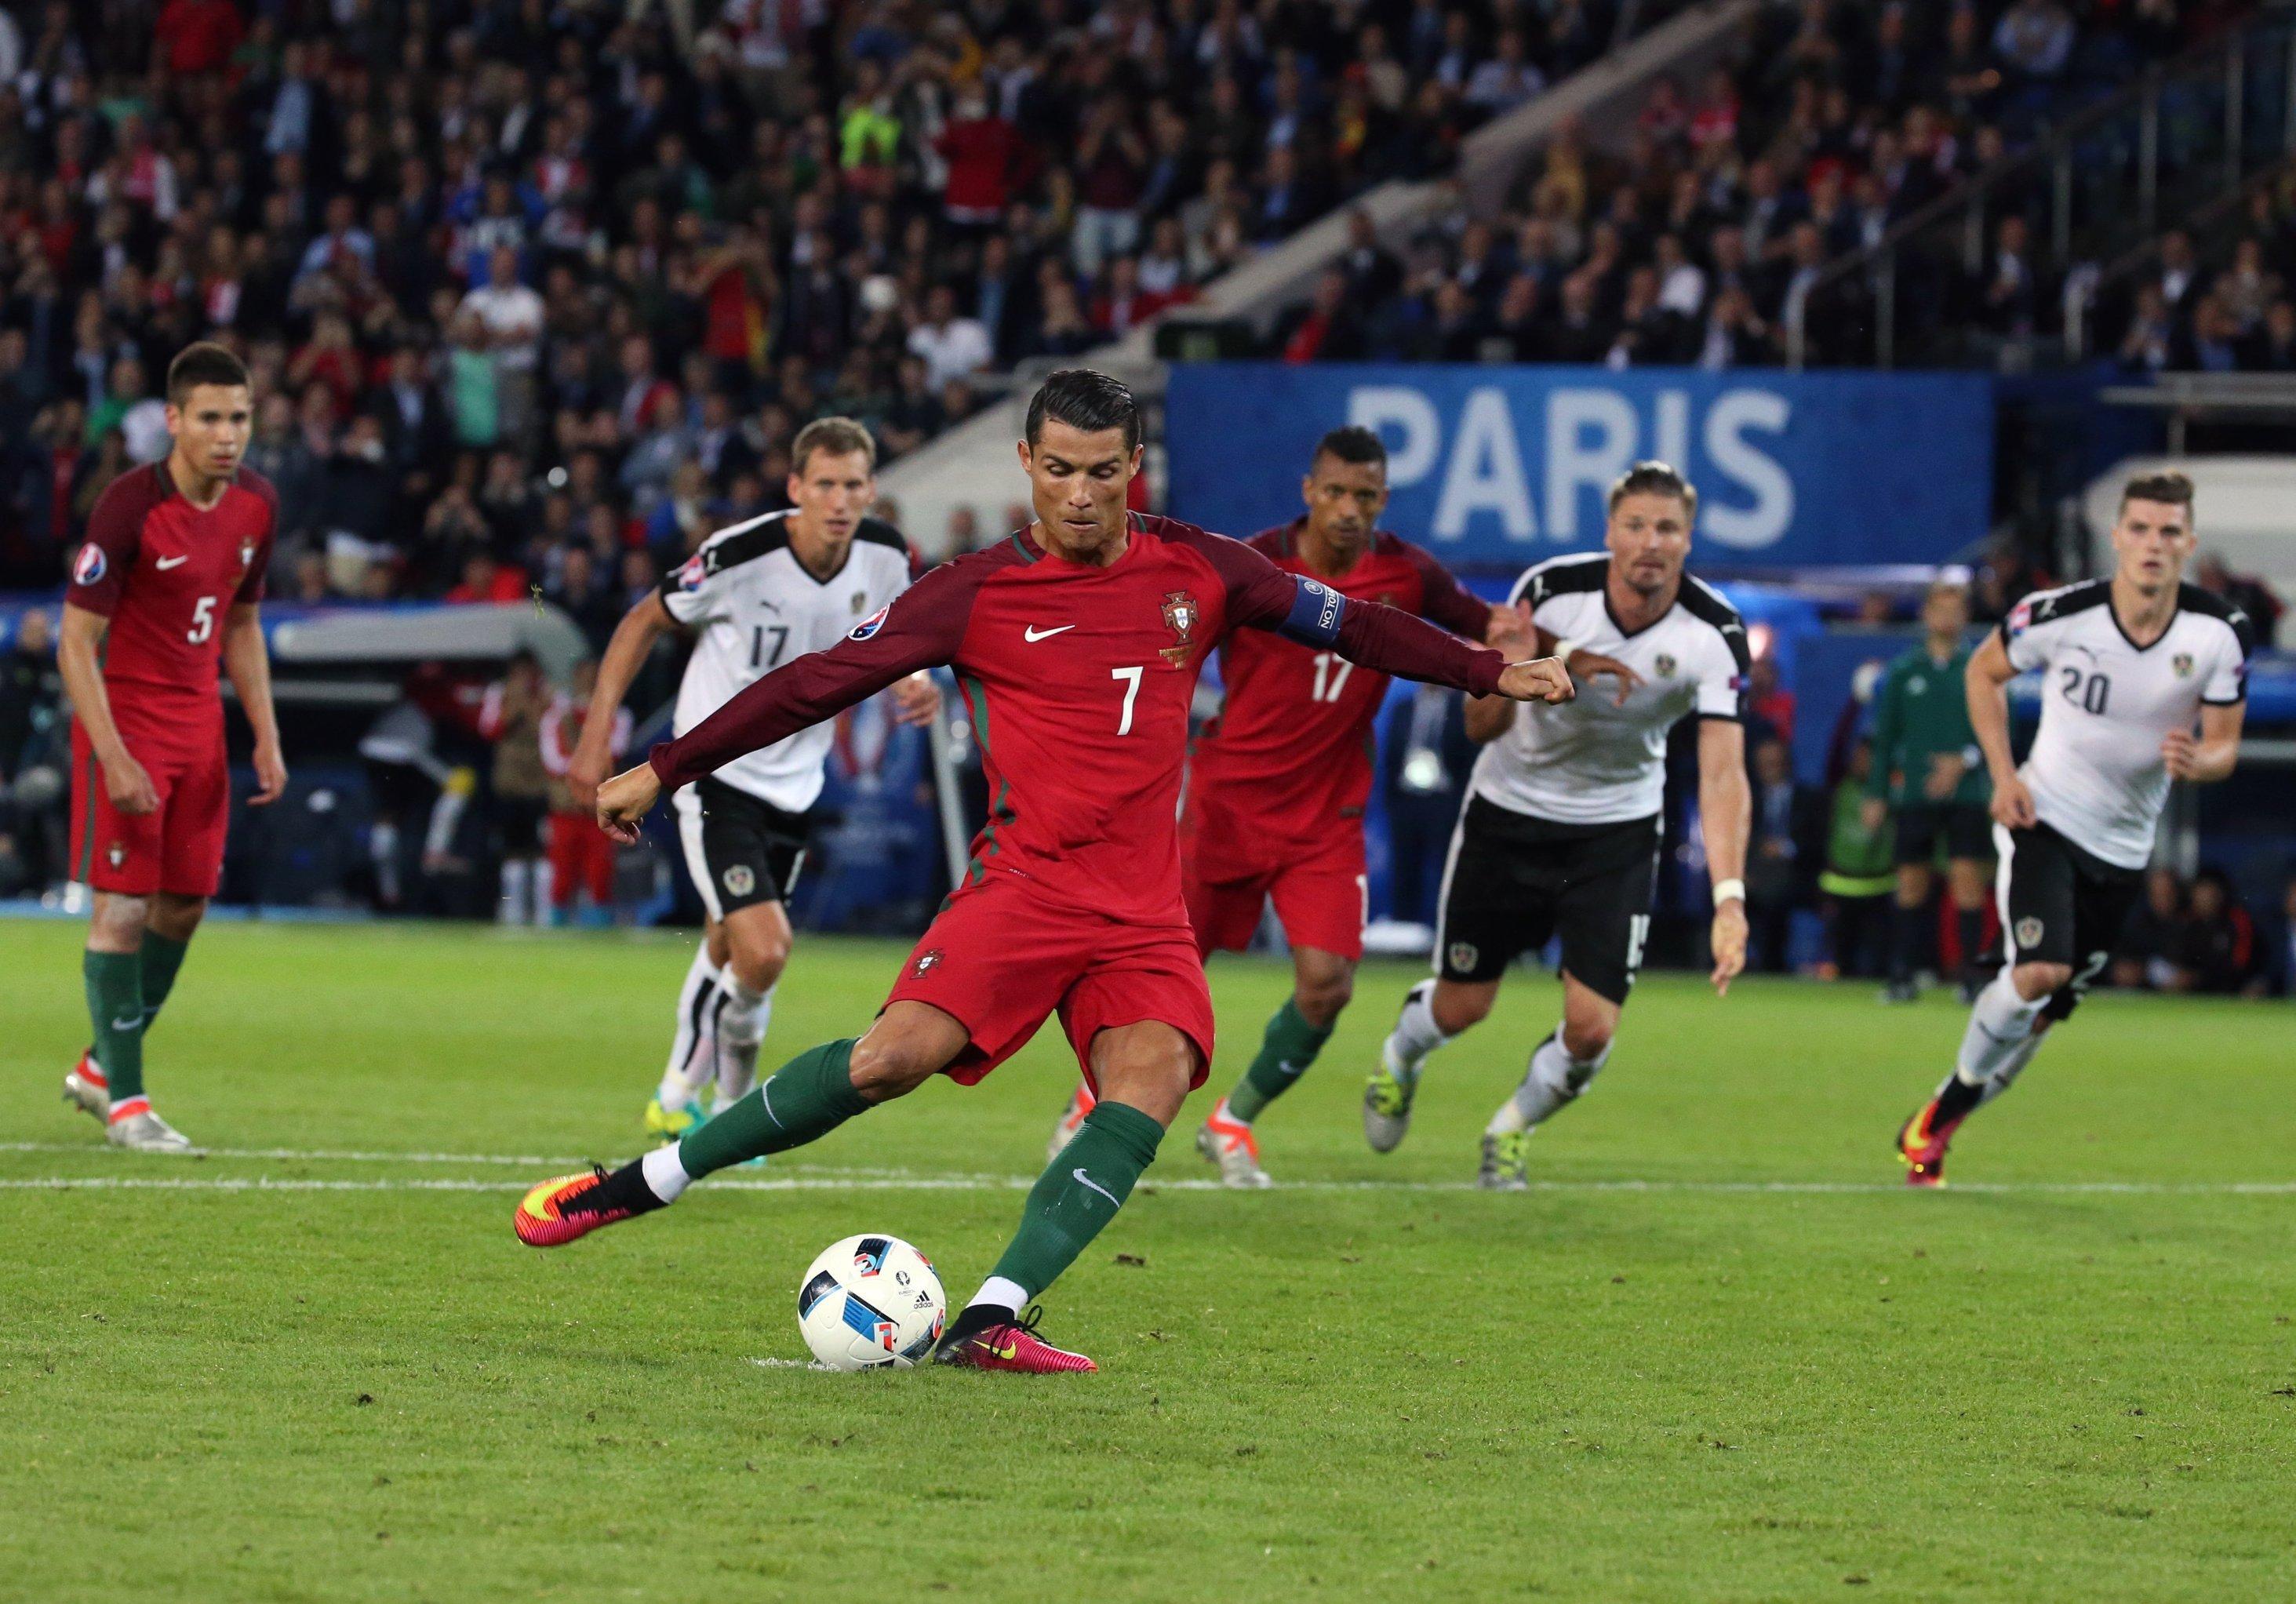 скалы это сборная португалии фото игроков является оригинальным осветительным